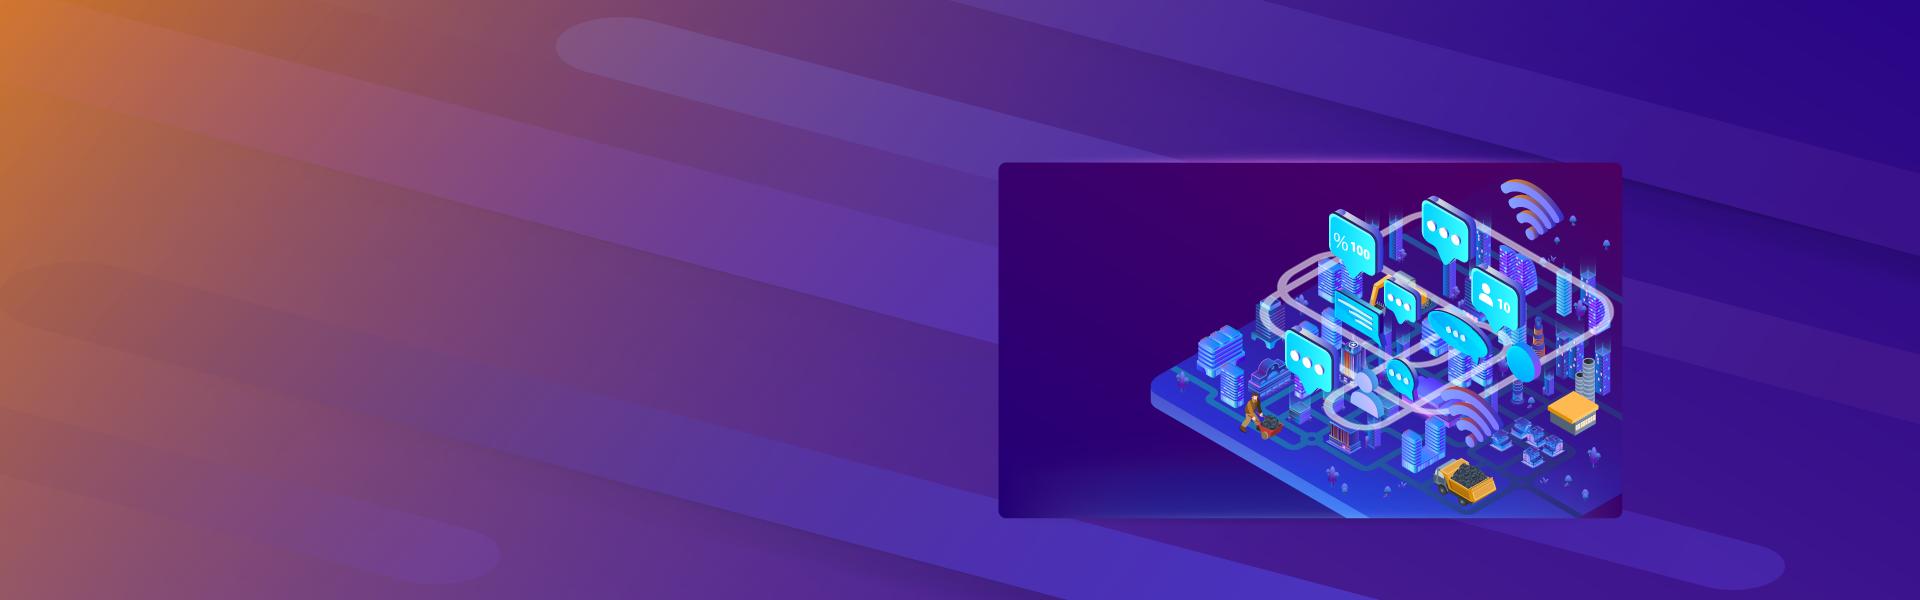 Industrial Internet of Things - Banner - ATISoft IIoT